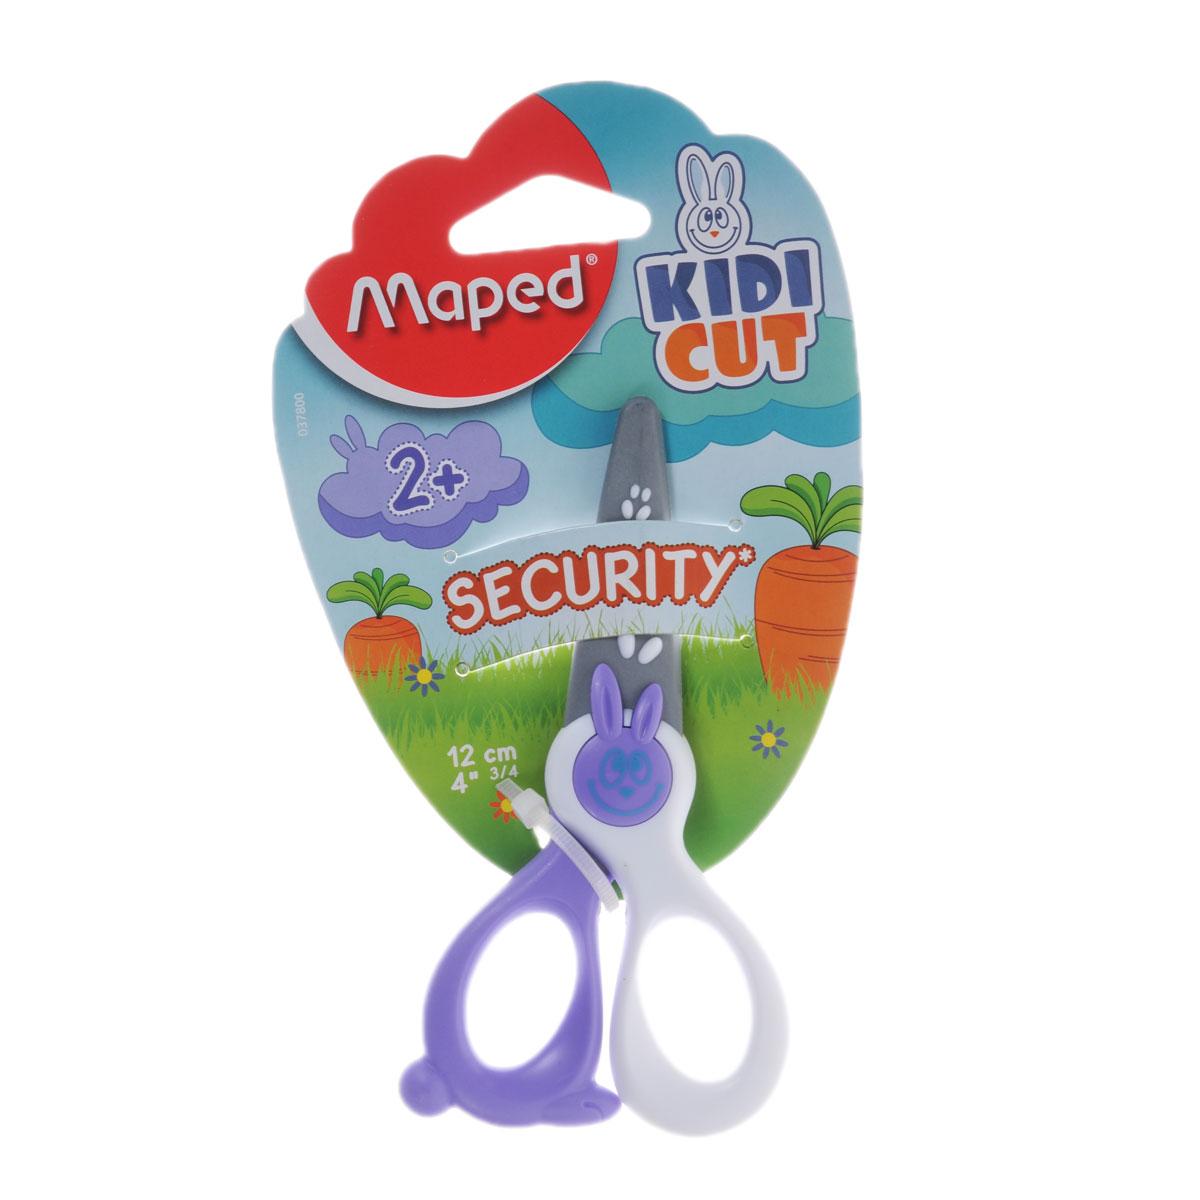 Ножницы детские Maped Security, цвет: сиреневый, белый, 12 см037800Детские ножницы Maped Security с закругленными концами имеют специальные лезвия из фибергласа, которые режут бумагу, но не повредят кожу ребенка, волосы или одежду. Идеальны для обучения обращению с ножницами вашего малыша. Рекомендуемый возраст: от 2 лет.